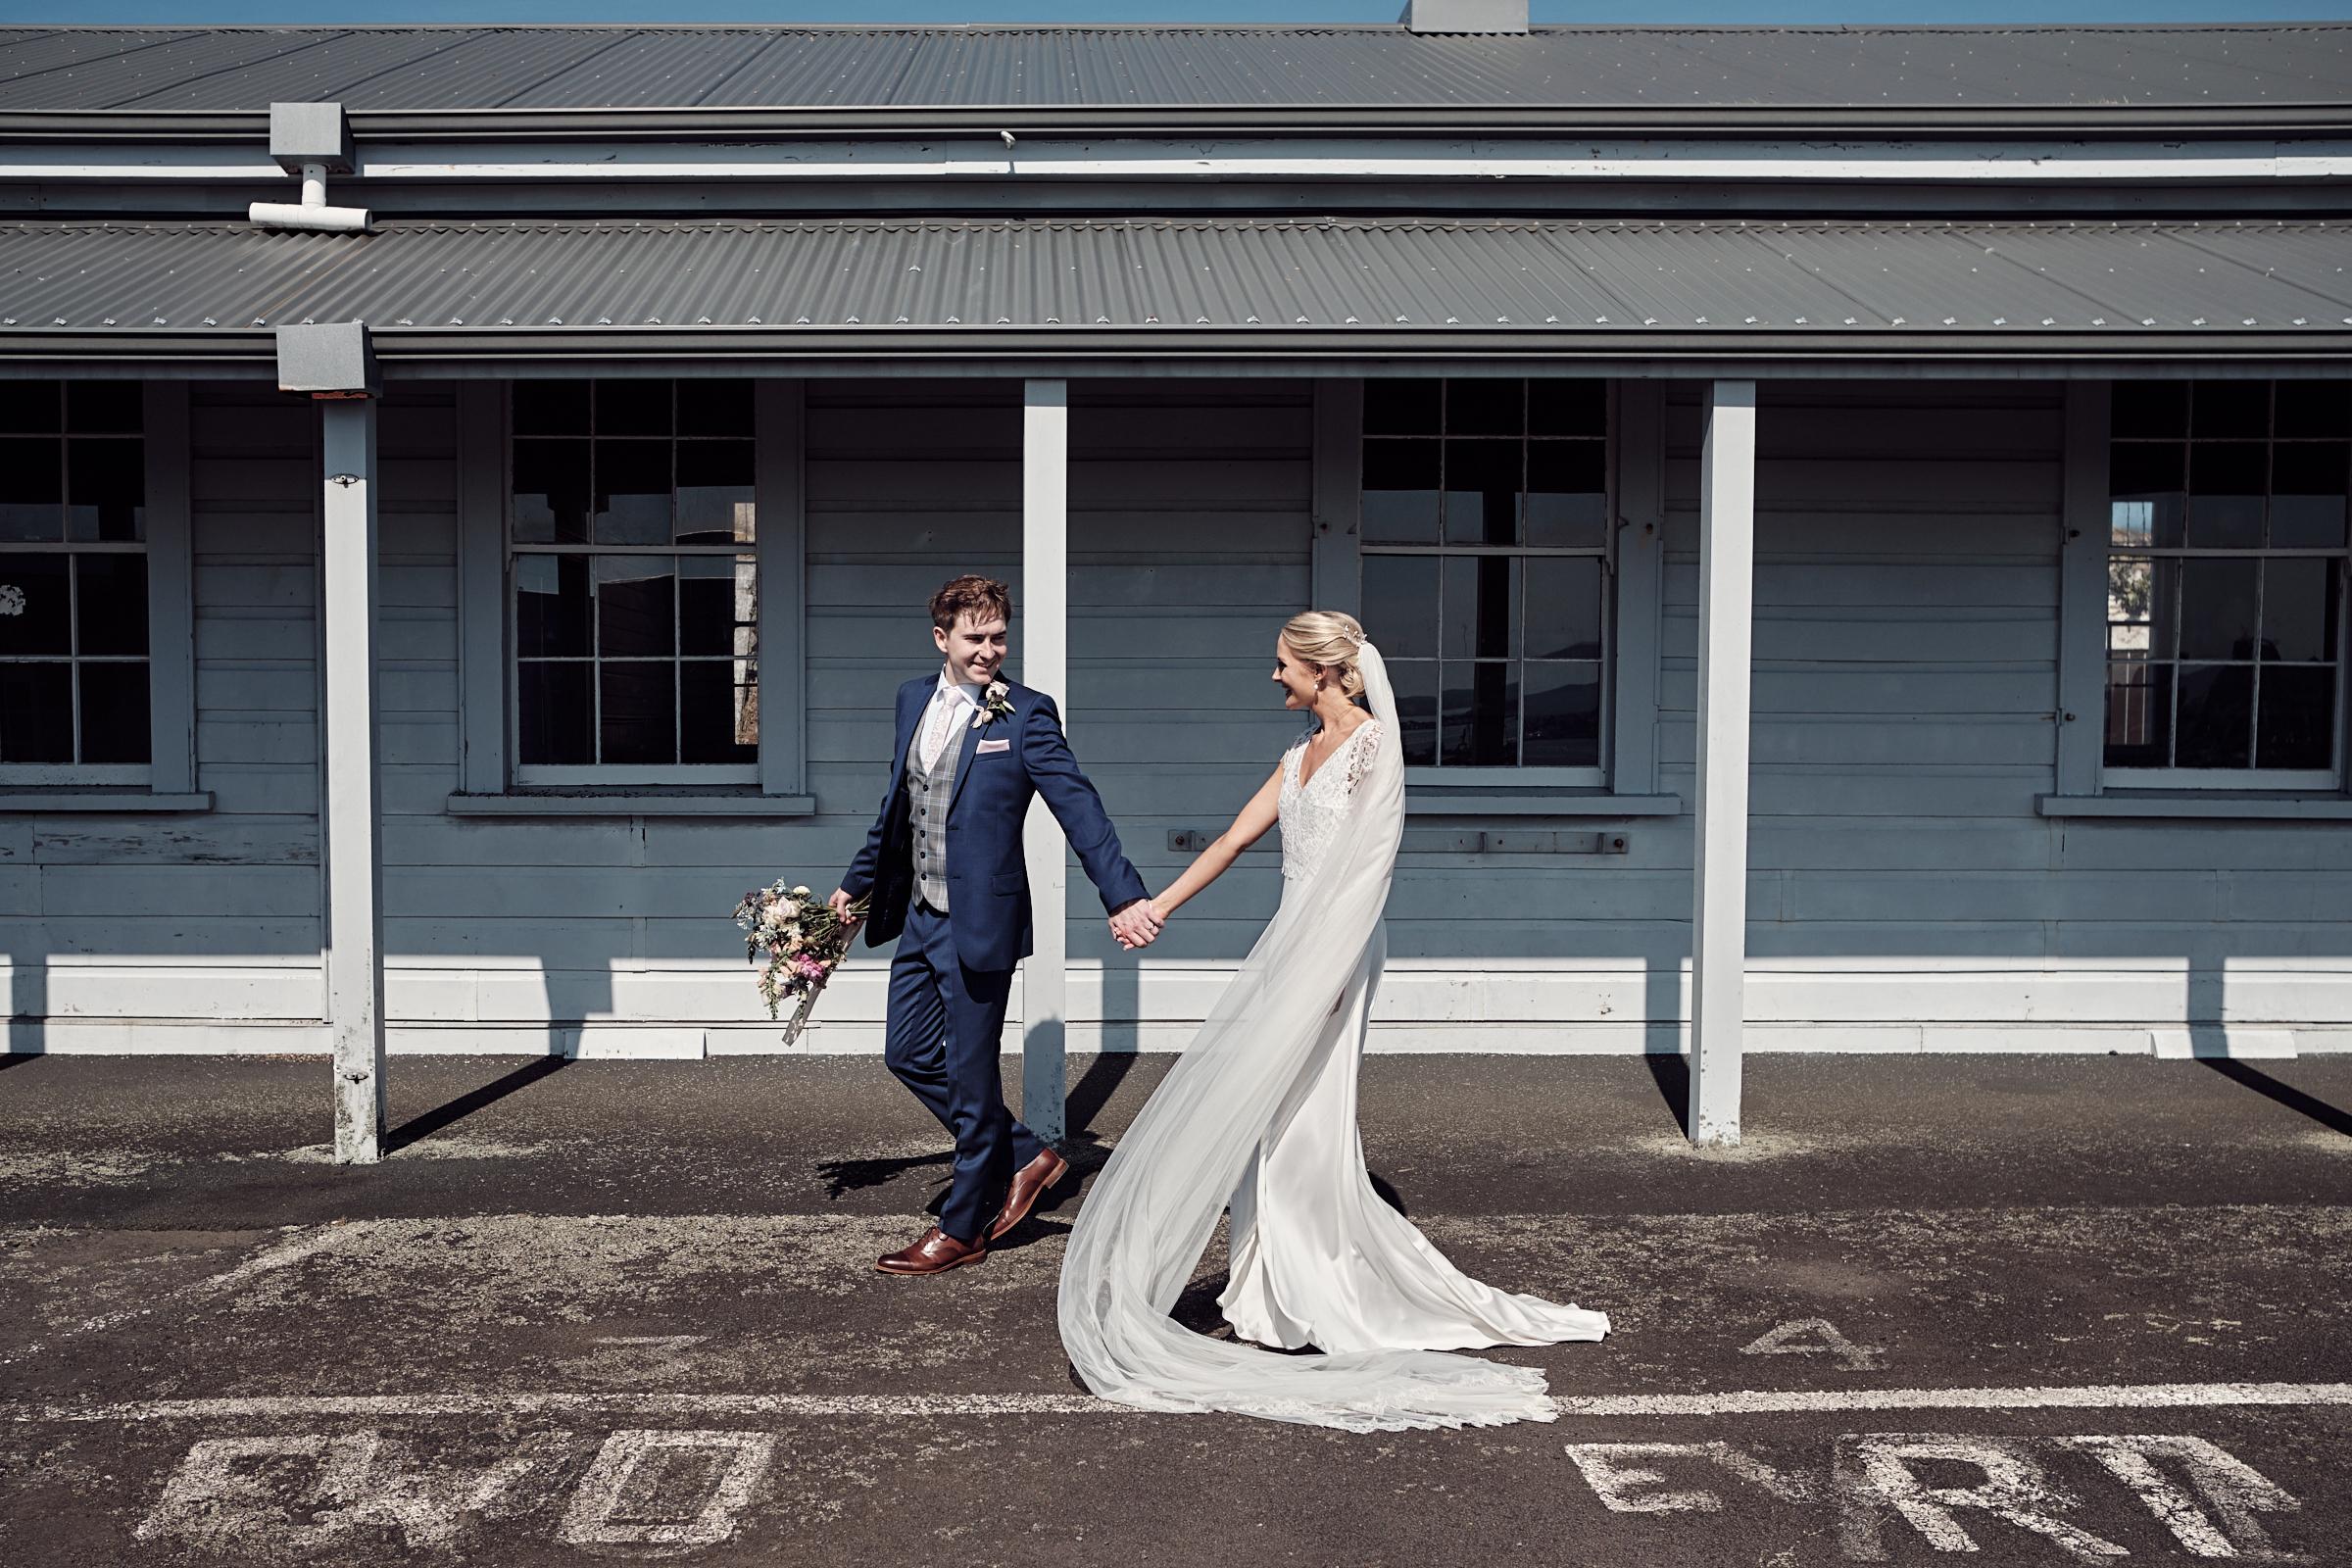 Wedding day strolls